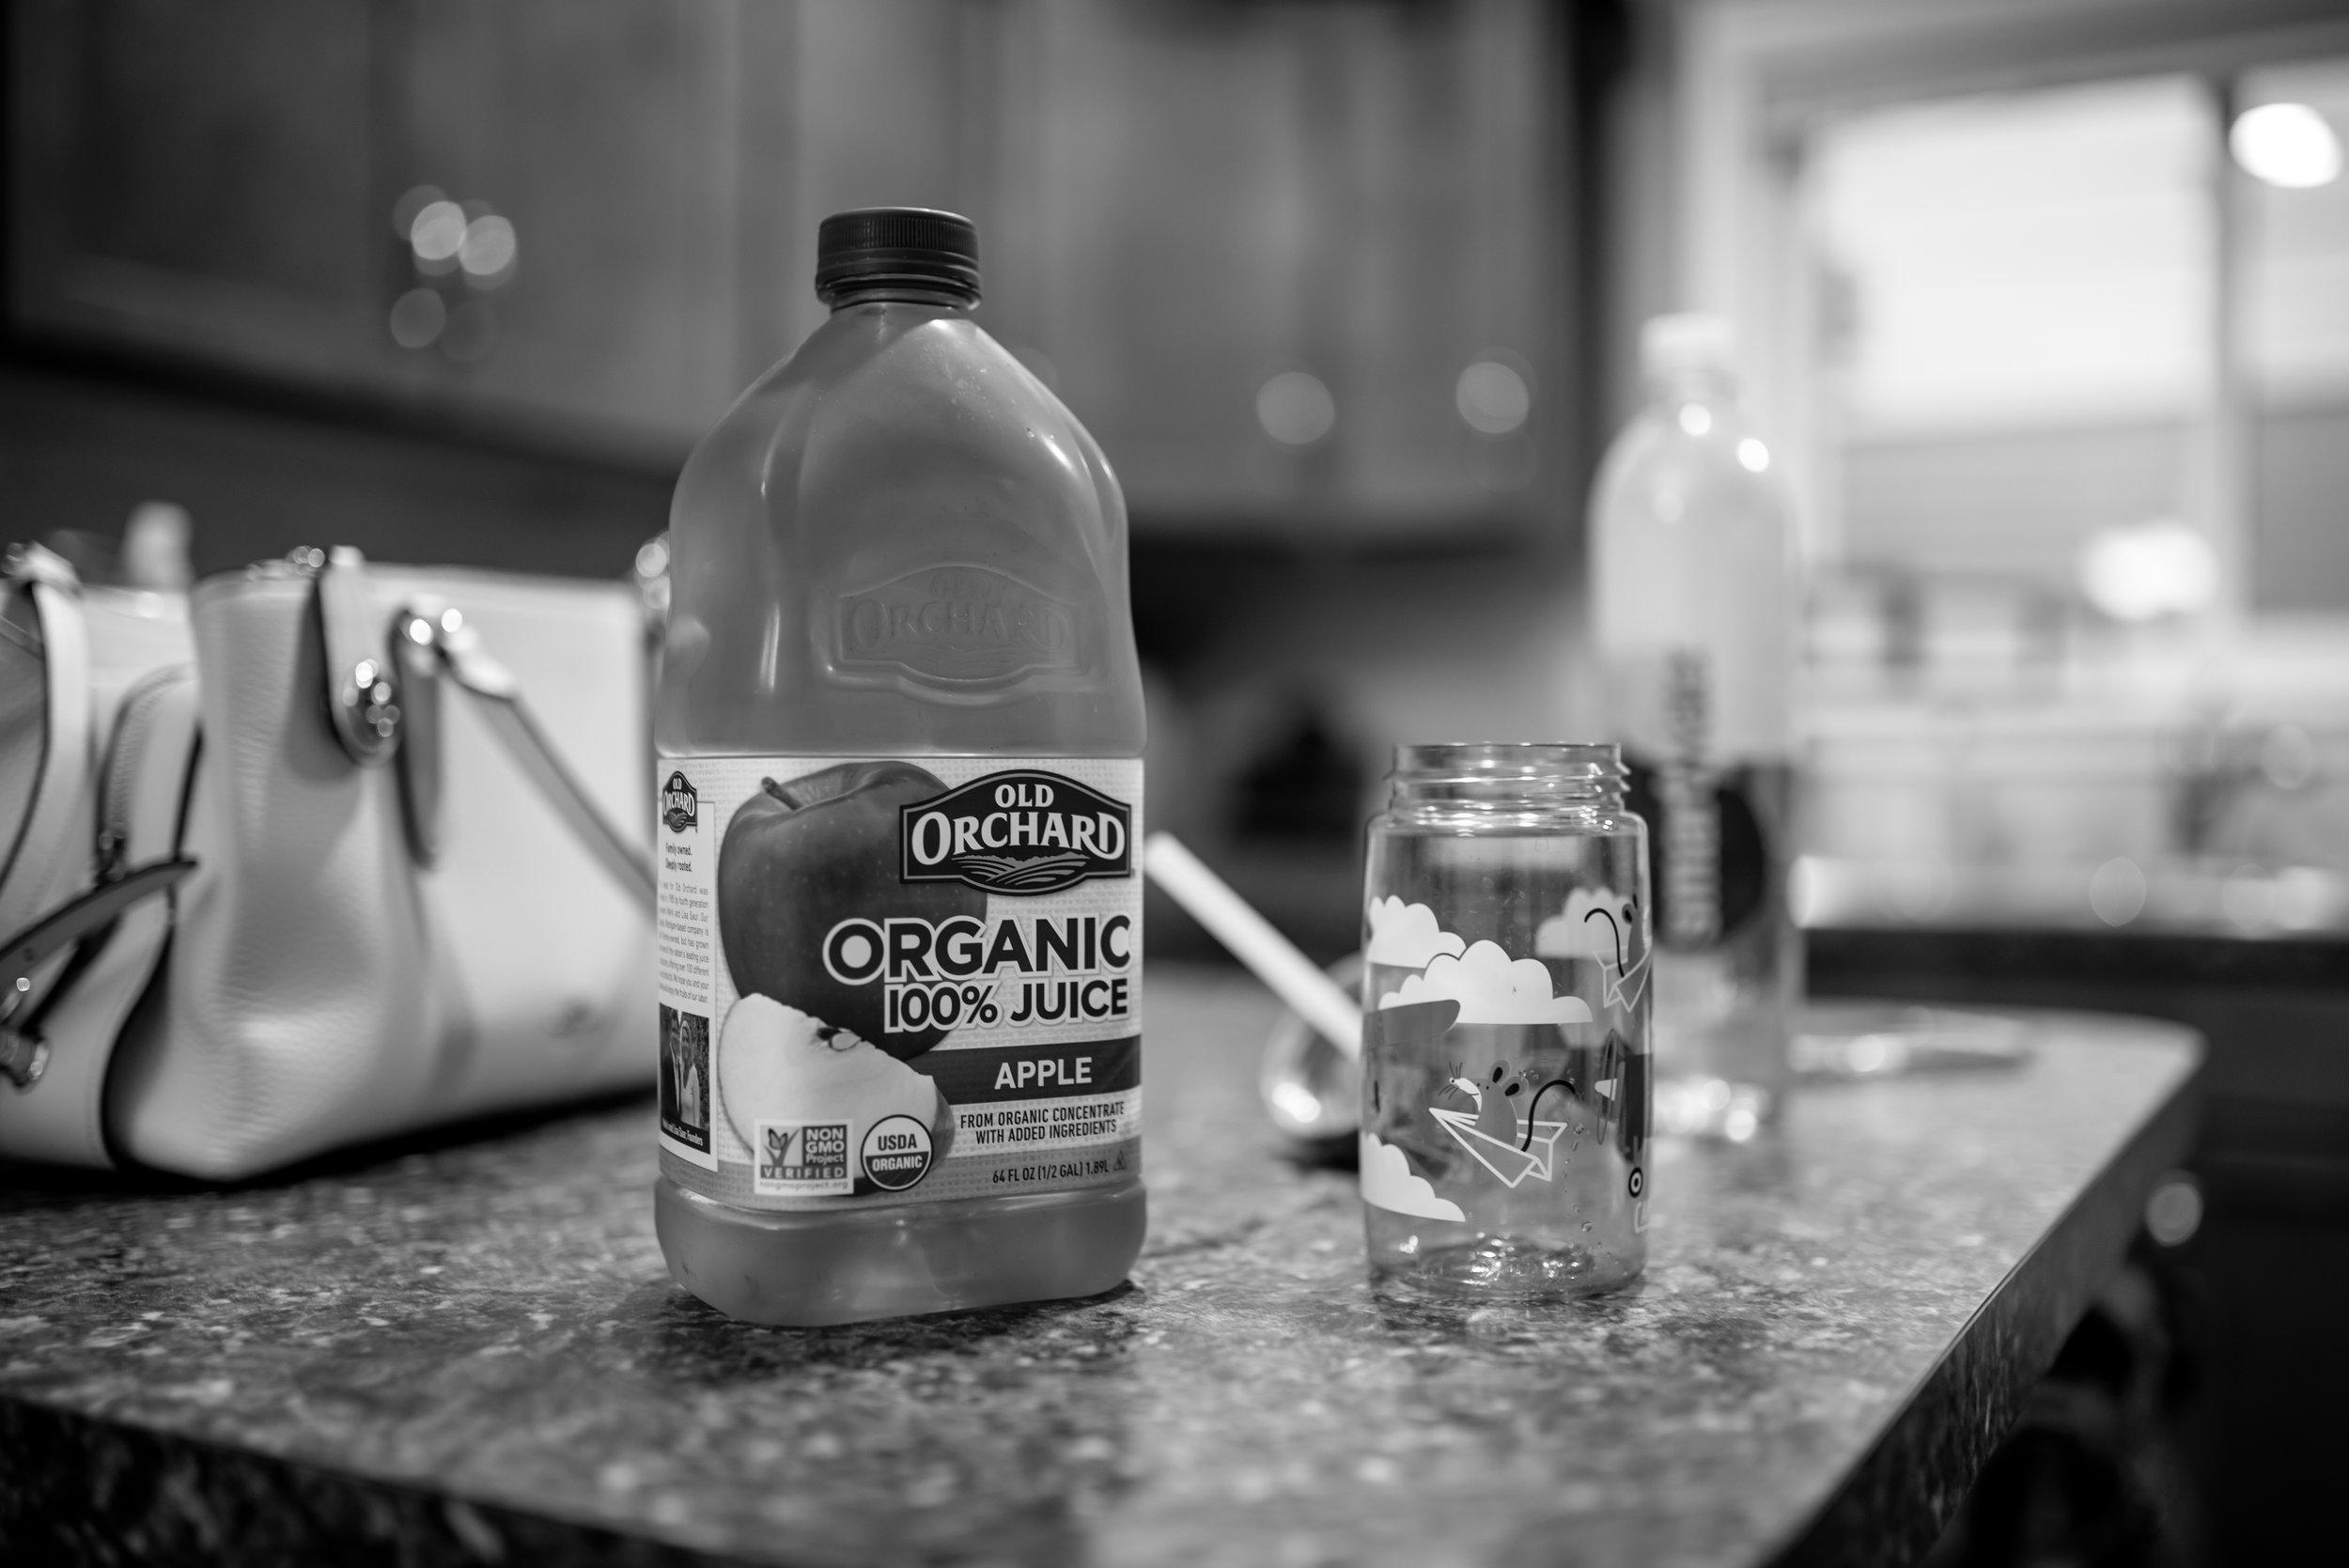 Apple juice before heart procedure